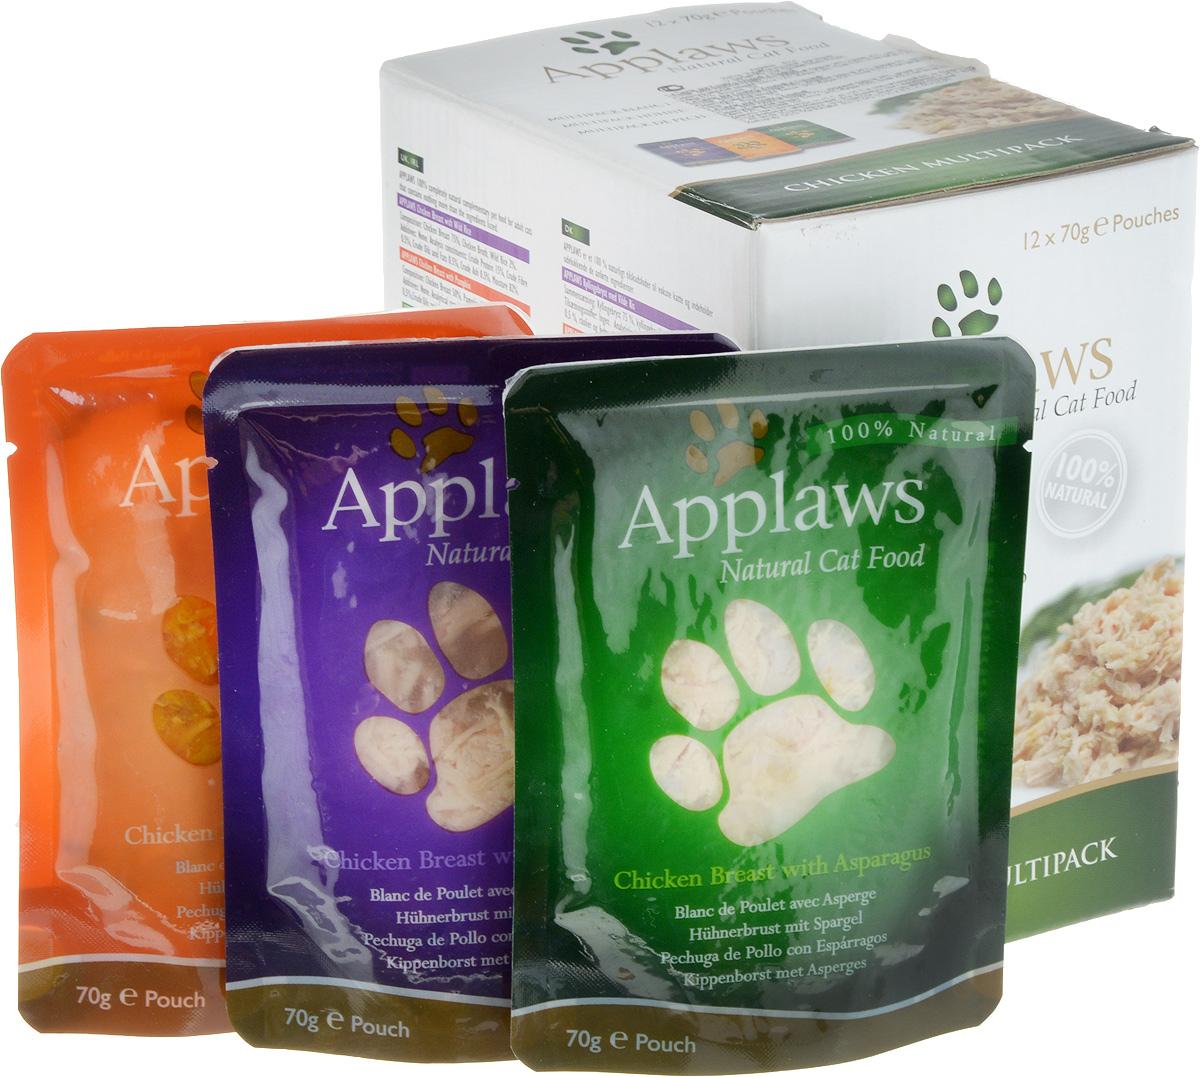 Набор консервов для кошек Applaws Куриное ассорти, 12 шт, 840 г20758Для приготовления любого блюда Appalws использует мясо животных свободного выгула, выращенных на фермах Англии. Уникальный дизайн упаковки прекрасно заменяет миску для вашего любимца. Вся линейка консервов приготовлена только из свежих и качественные ингредиентов. Консервы не содержат красителей, усилителей вкуса и запаха, продуктов ГМО. В набор входят: Консервы для кошек с курицей и тыквой - 4 шт. Фасовка: 70 г. Консервы для кошек с курицей и спаржей - 4 шт. Фасовка: 70 г. Консервы для кошек с курицей - 4 шт. Фасовка: 70 г. Общий вес: 840 г. Товар сертифицирован.